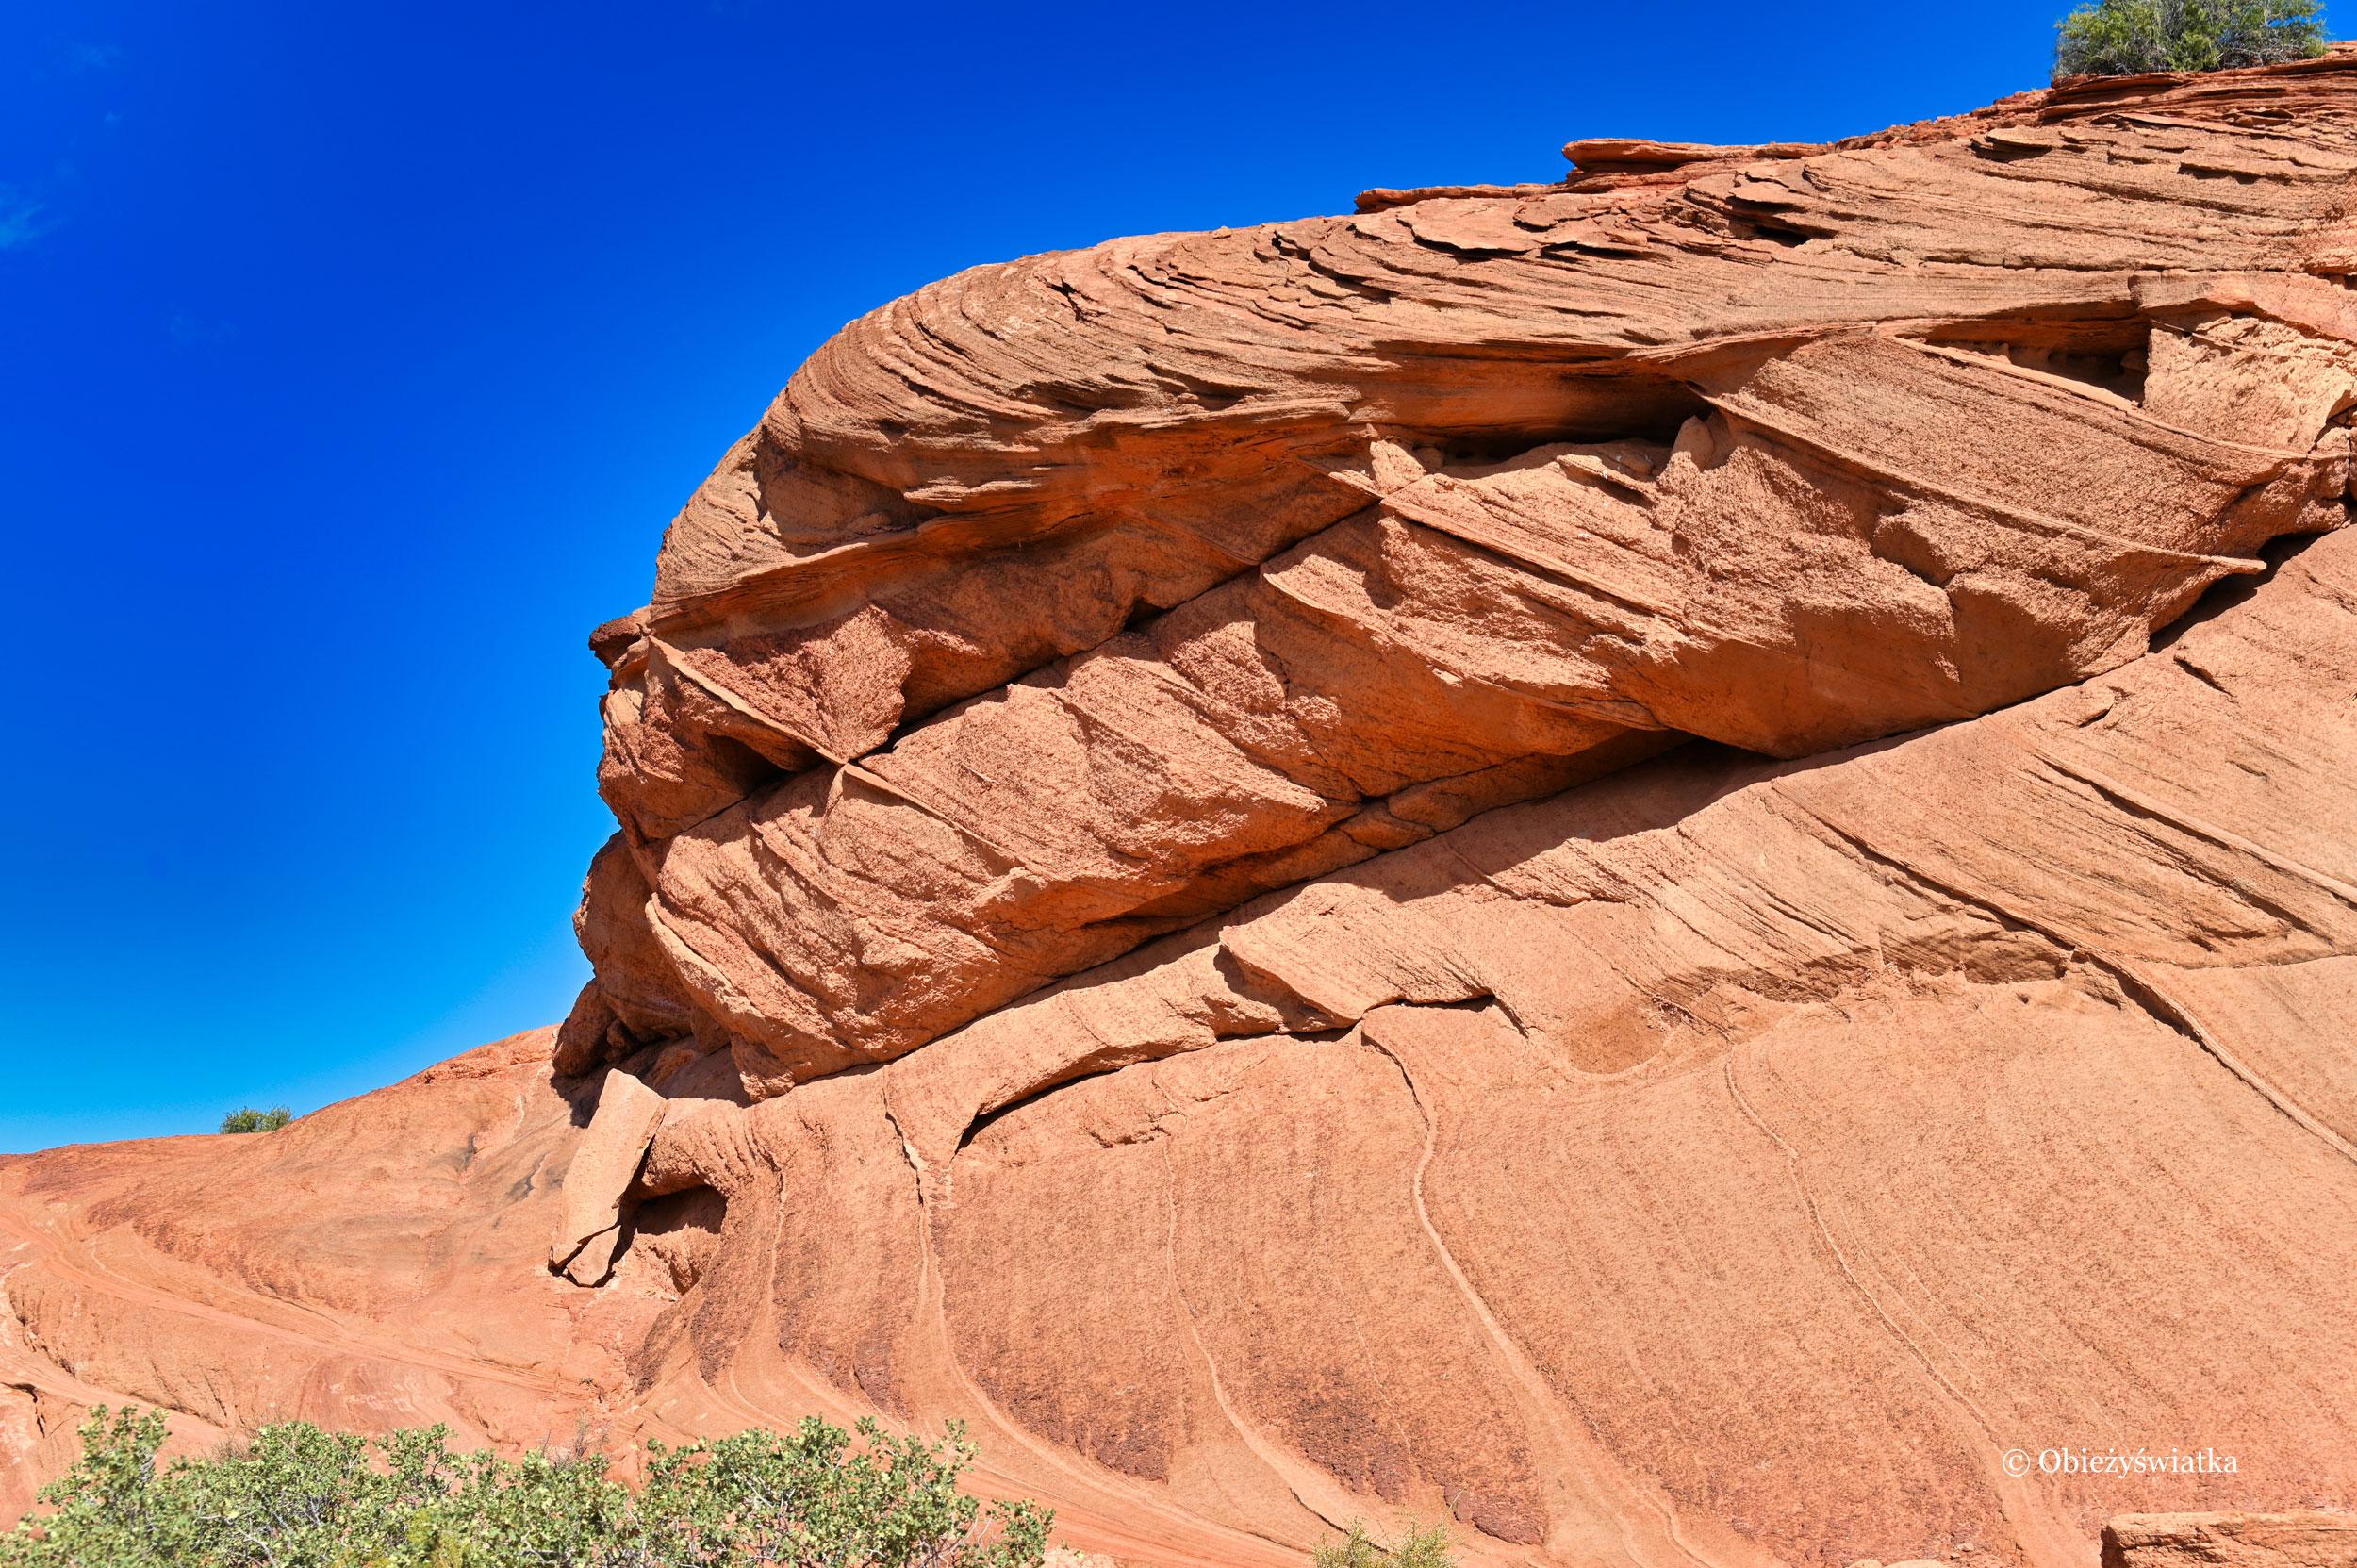 Wyrzeźbione skały, Horseshoe Bend, Arizona